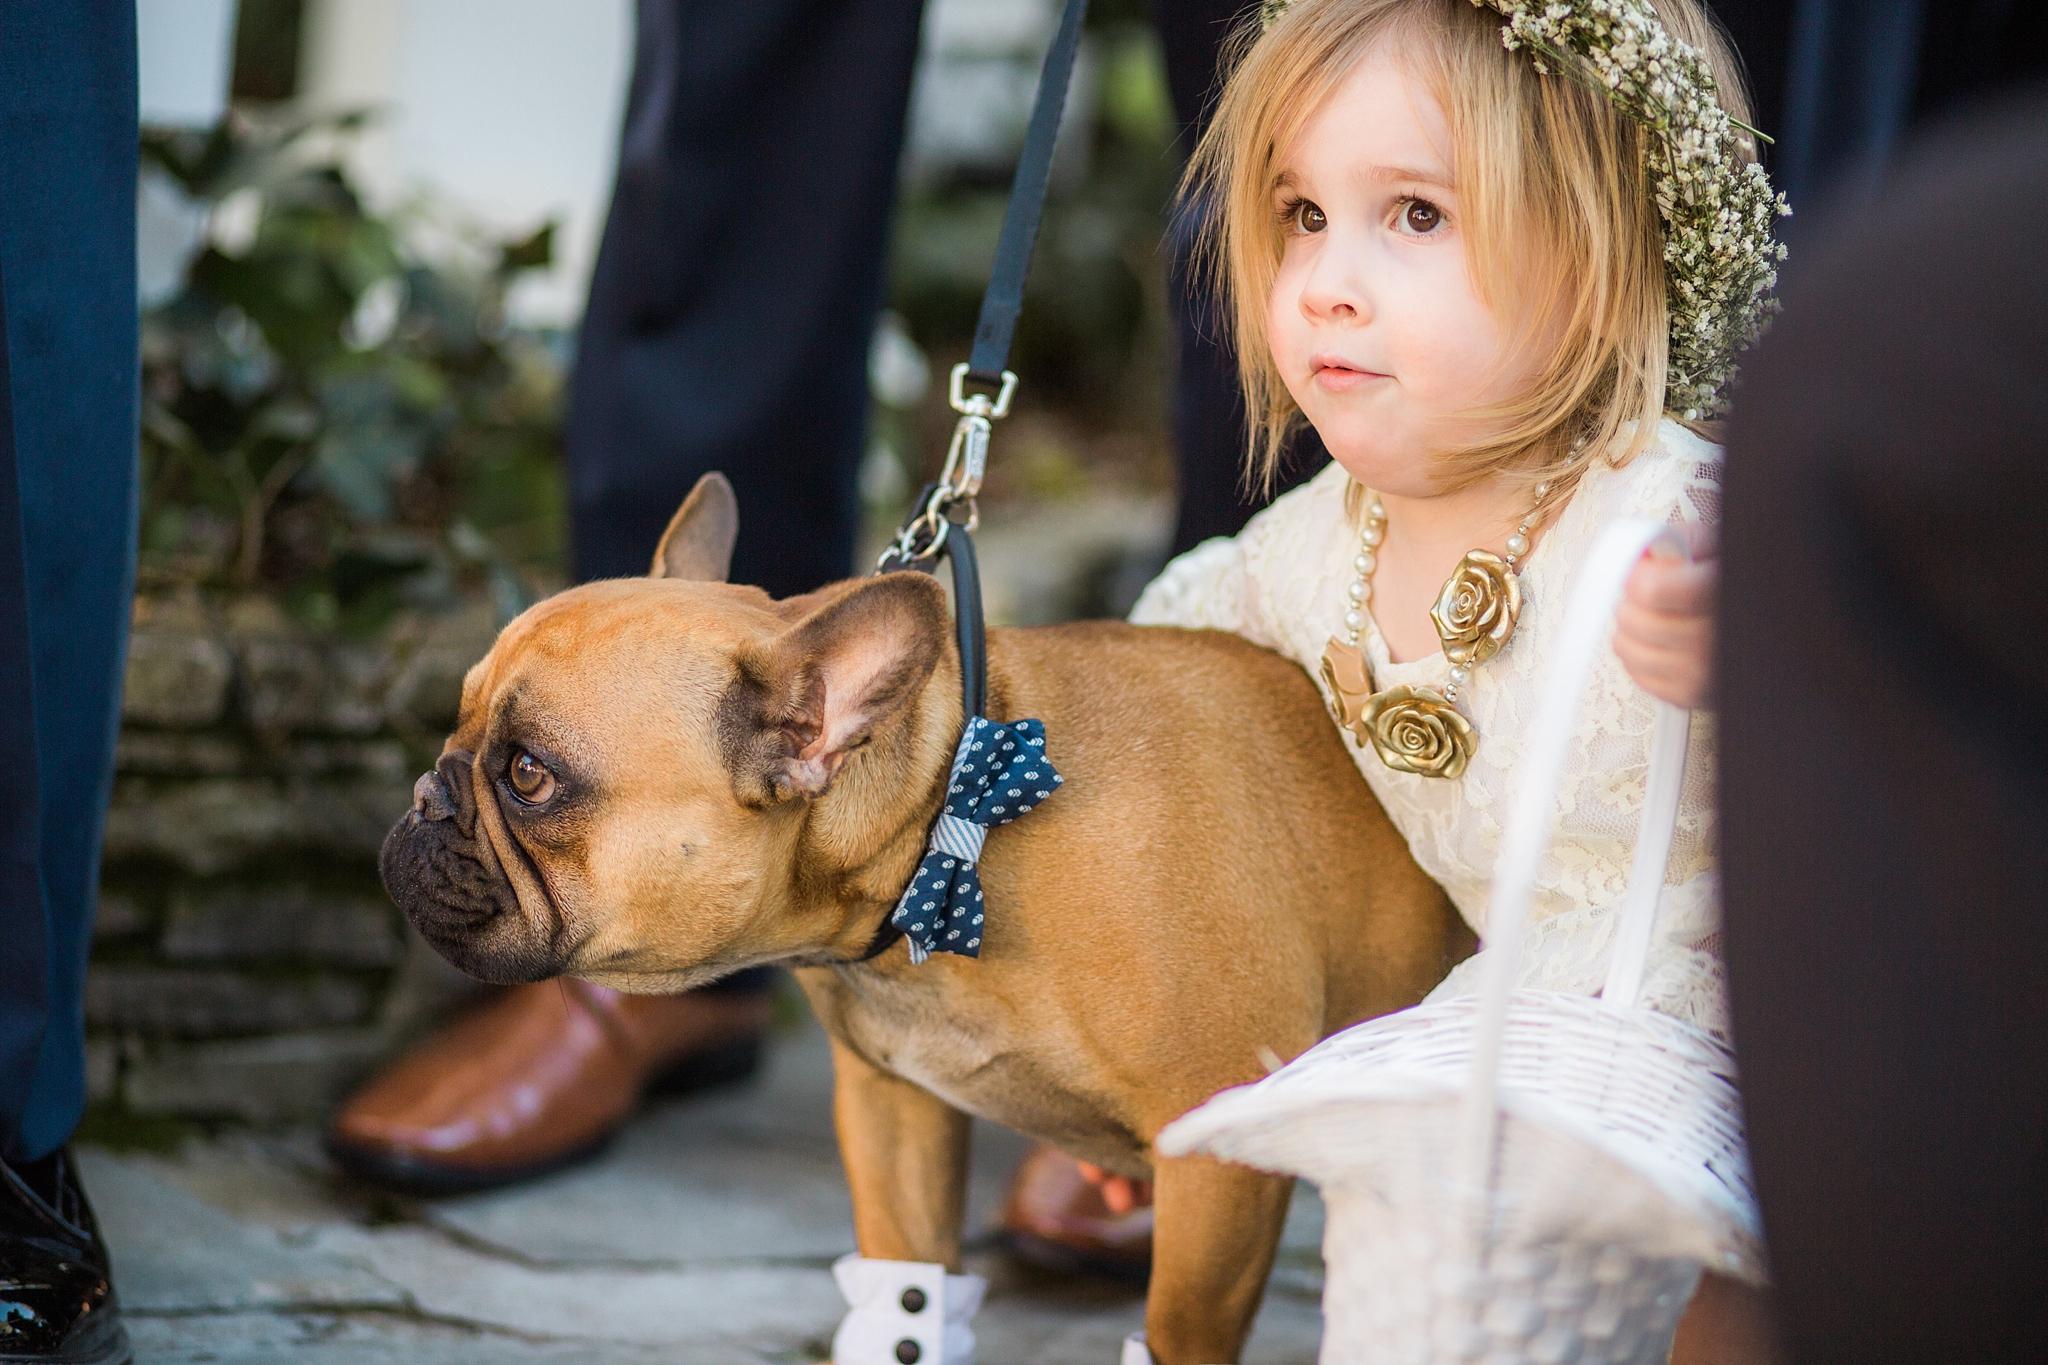 flower-girl-with-dog.jpg